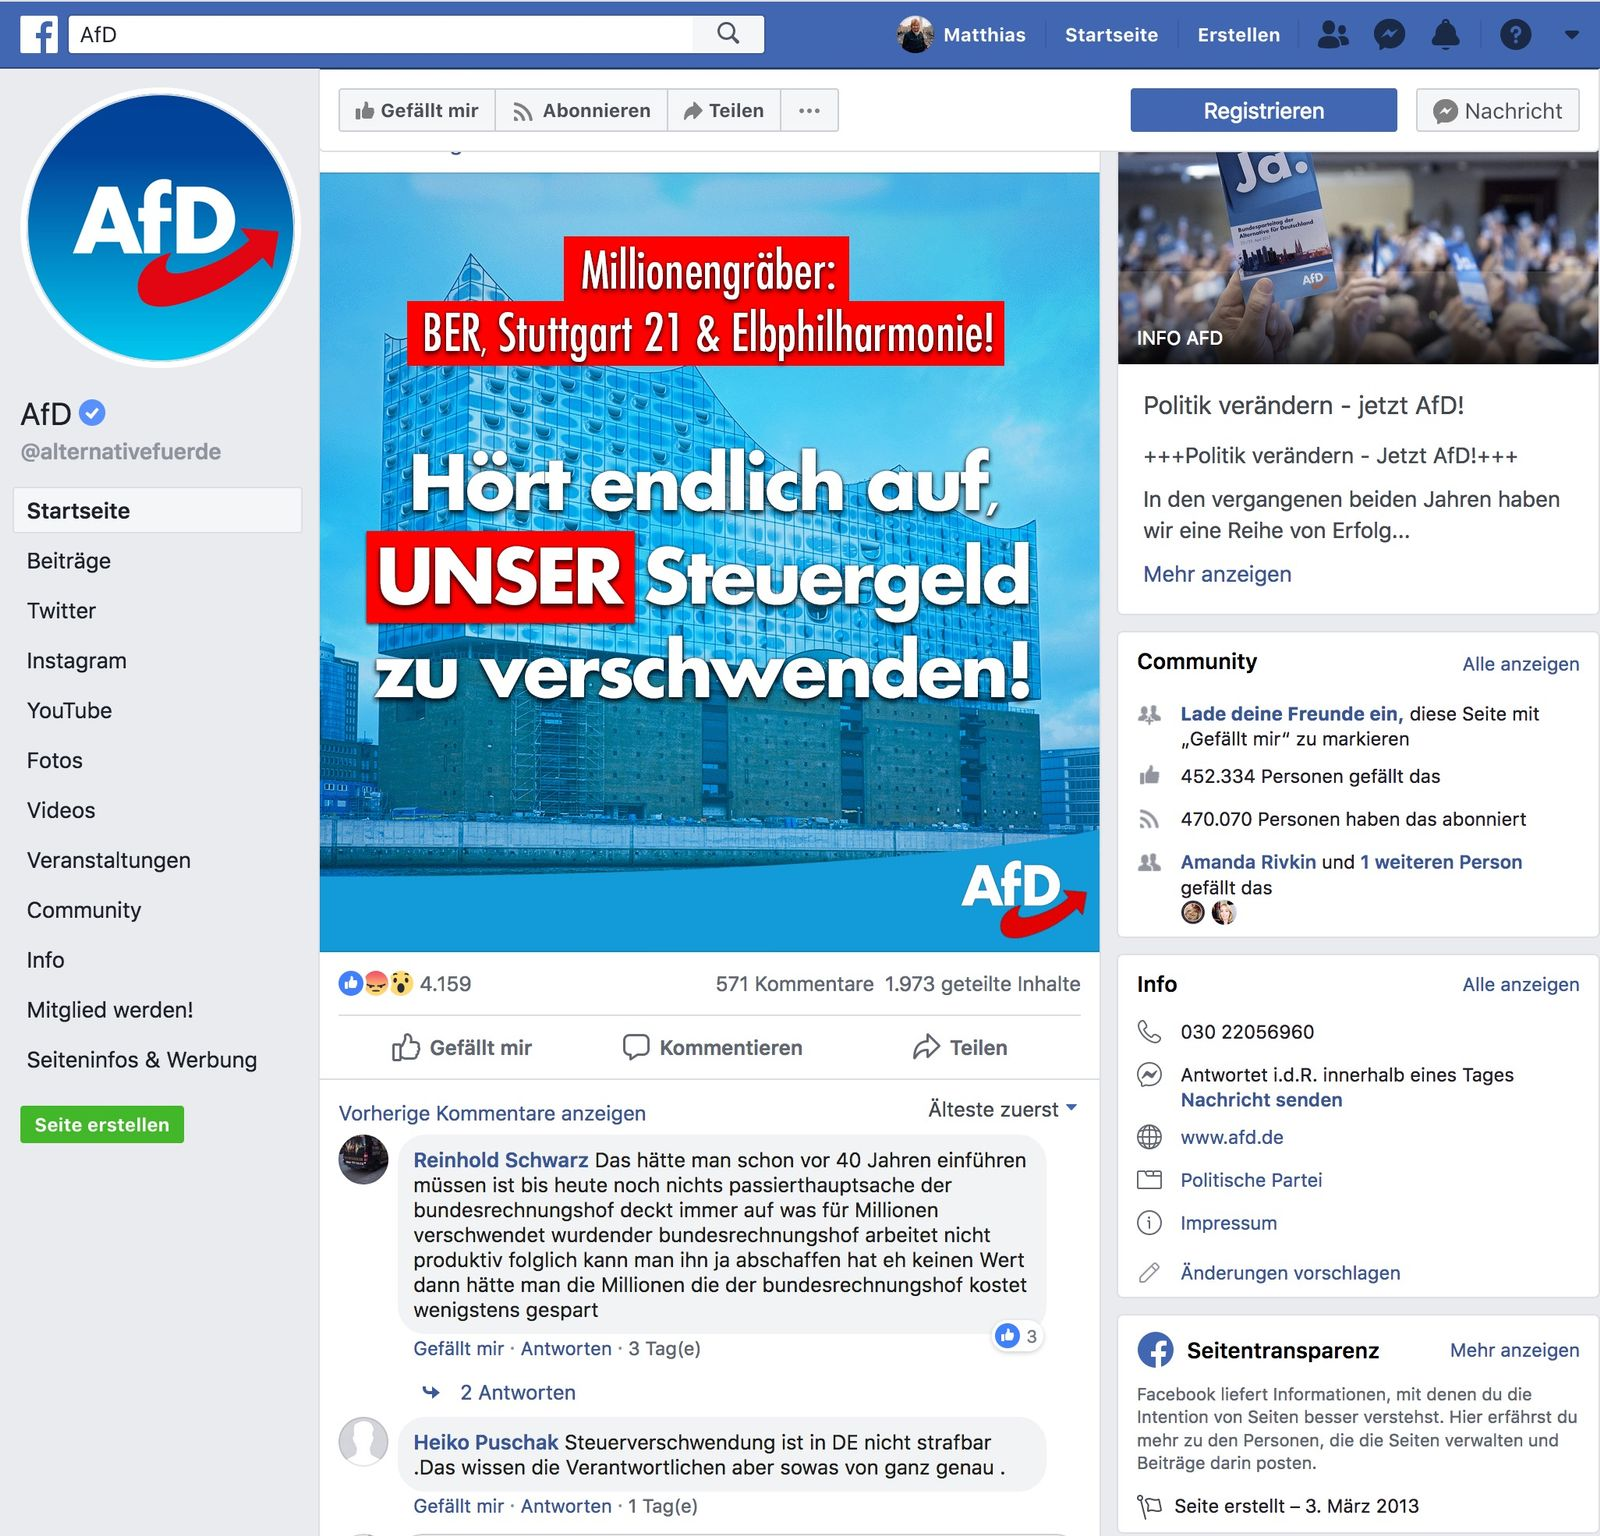 EINMALIGE VERWENDUNG SPIEGEL 18/2019 S. 18 SPIN NUR ALS ZITAT AfD-Facebook-Seite